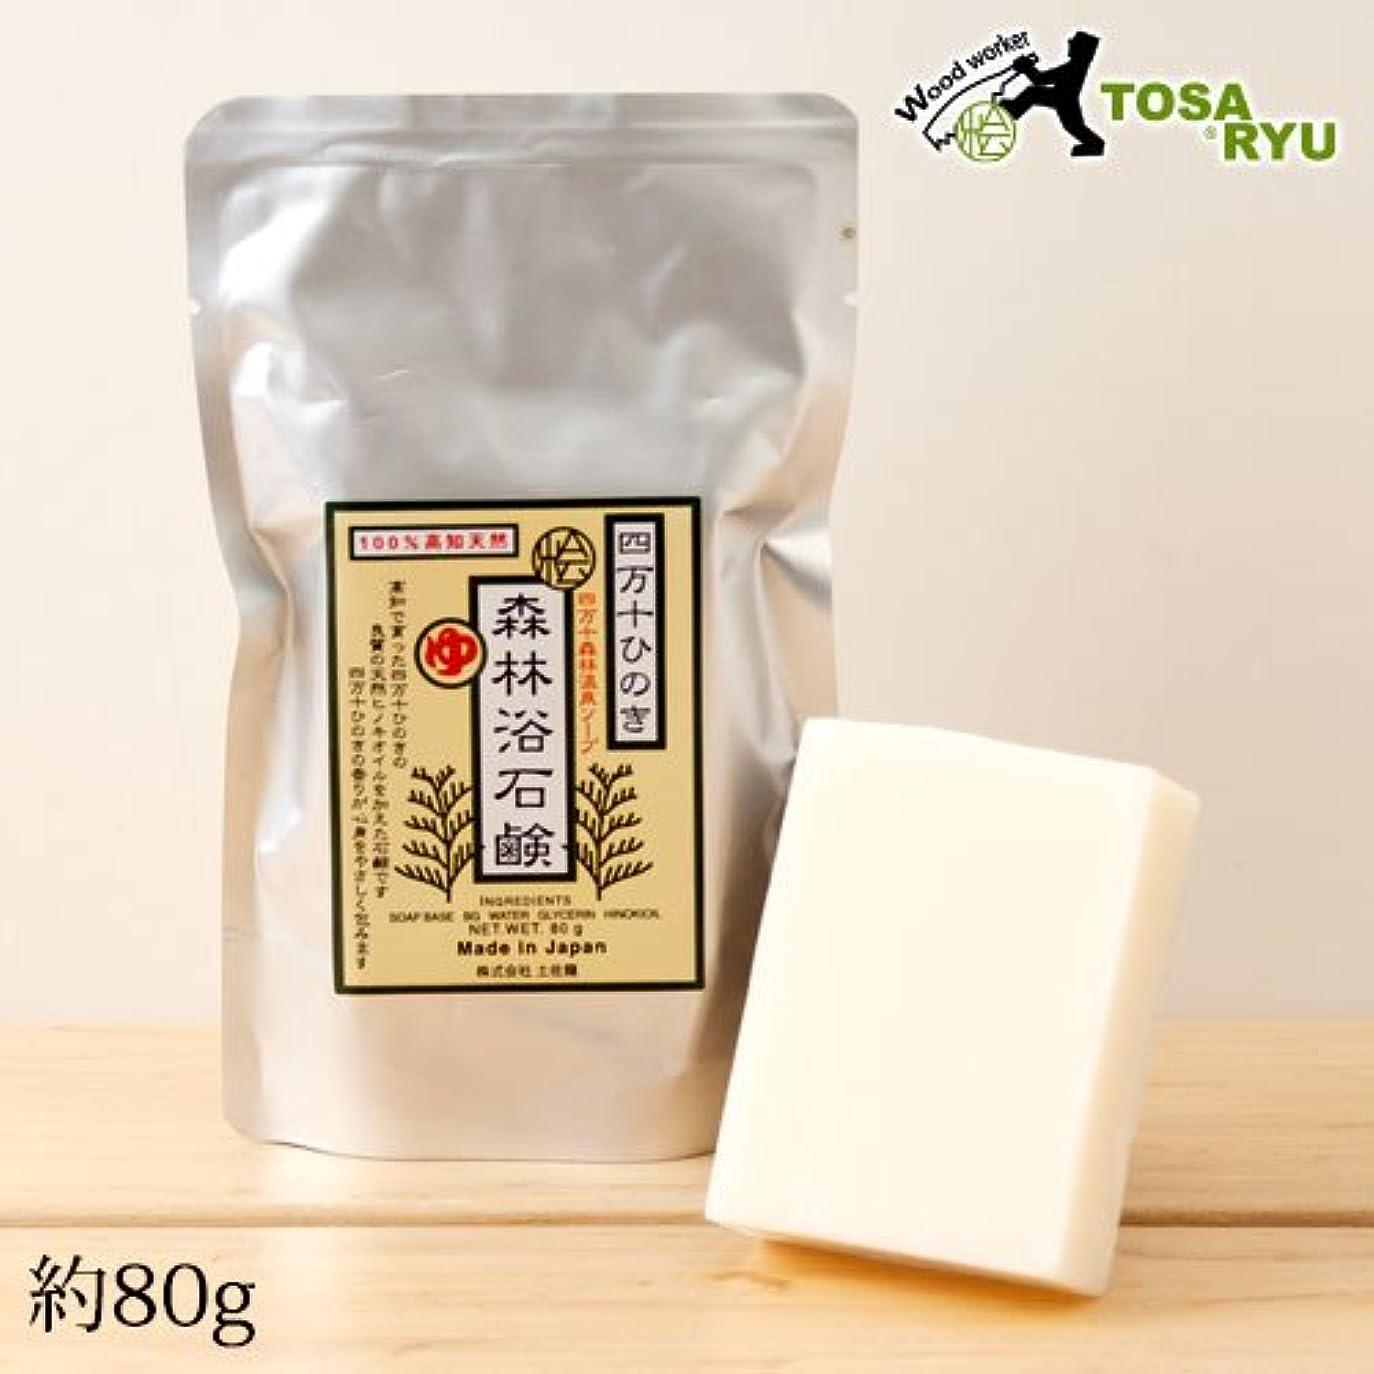 精査仲間中世の土佐龍四万十森林温泉石鹸ひのきの香りのアロマソープ高知県の工芸品Aroma soap scent of cypress, Kochi craft